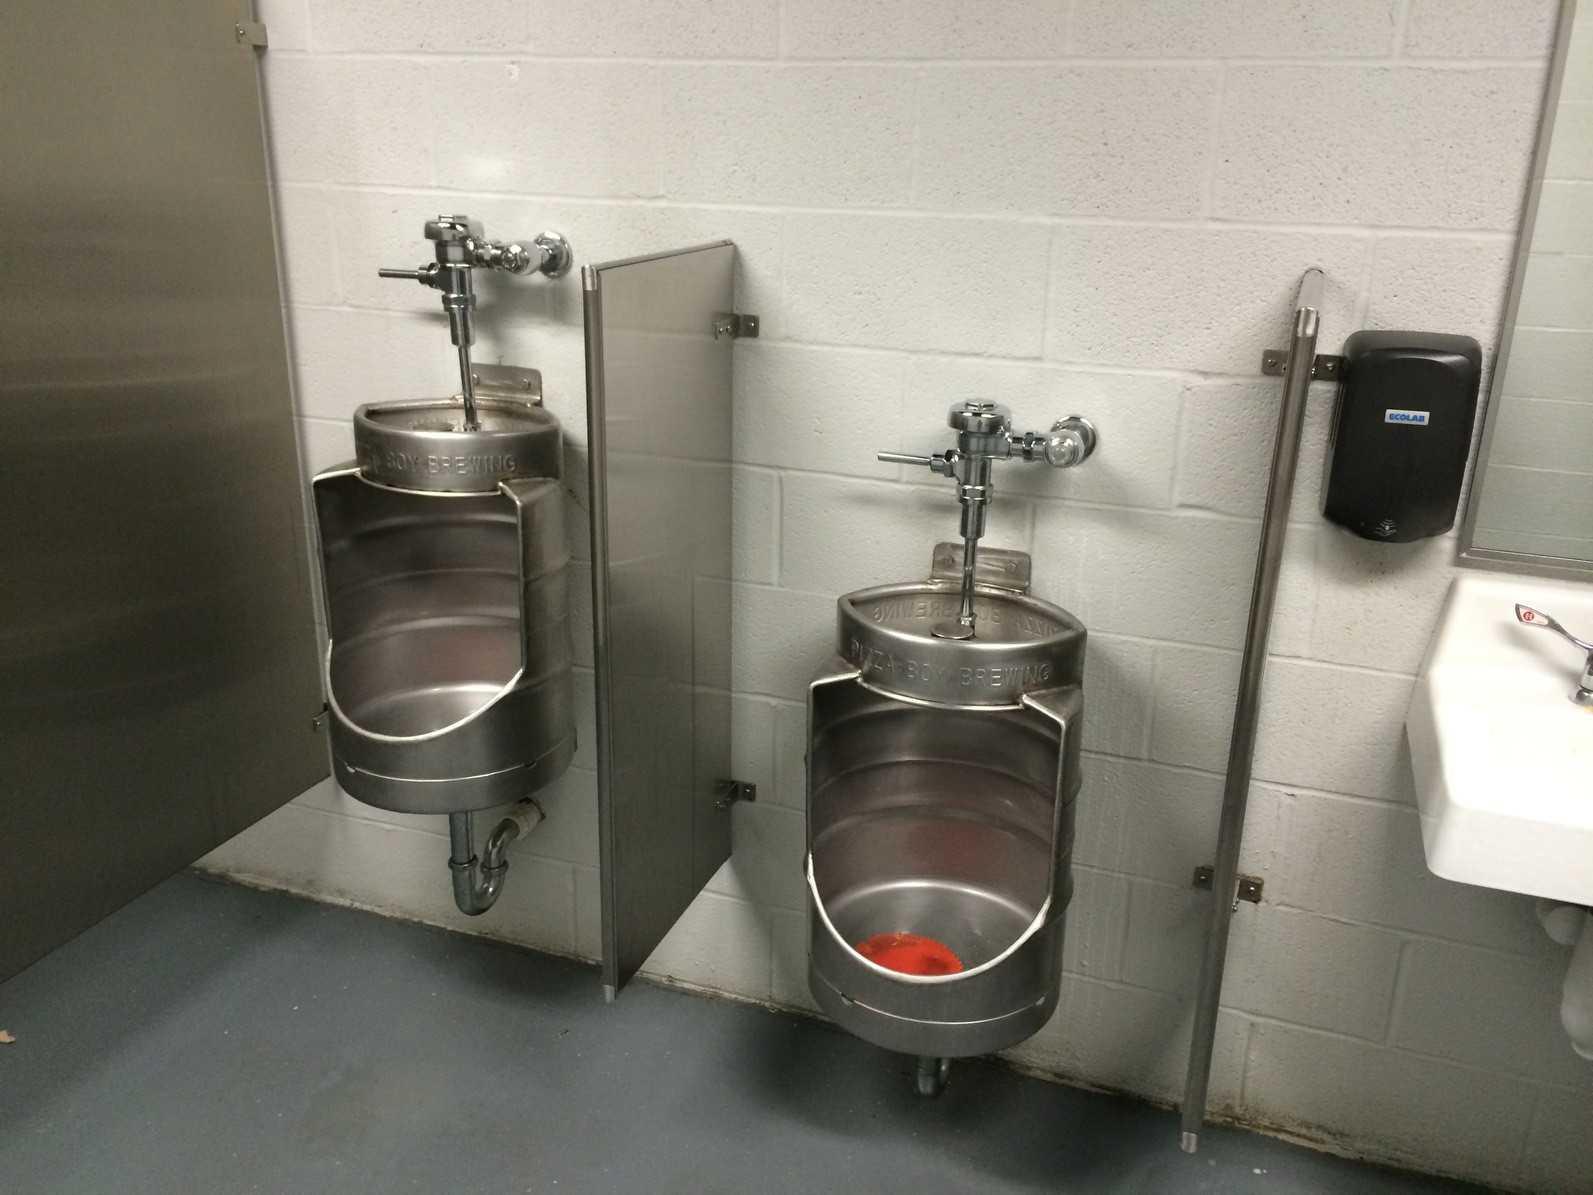 еще одно применение в туалете пивного кега